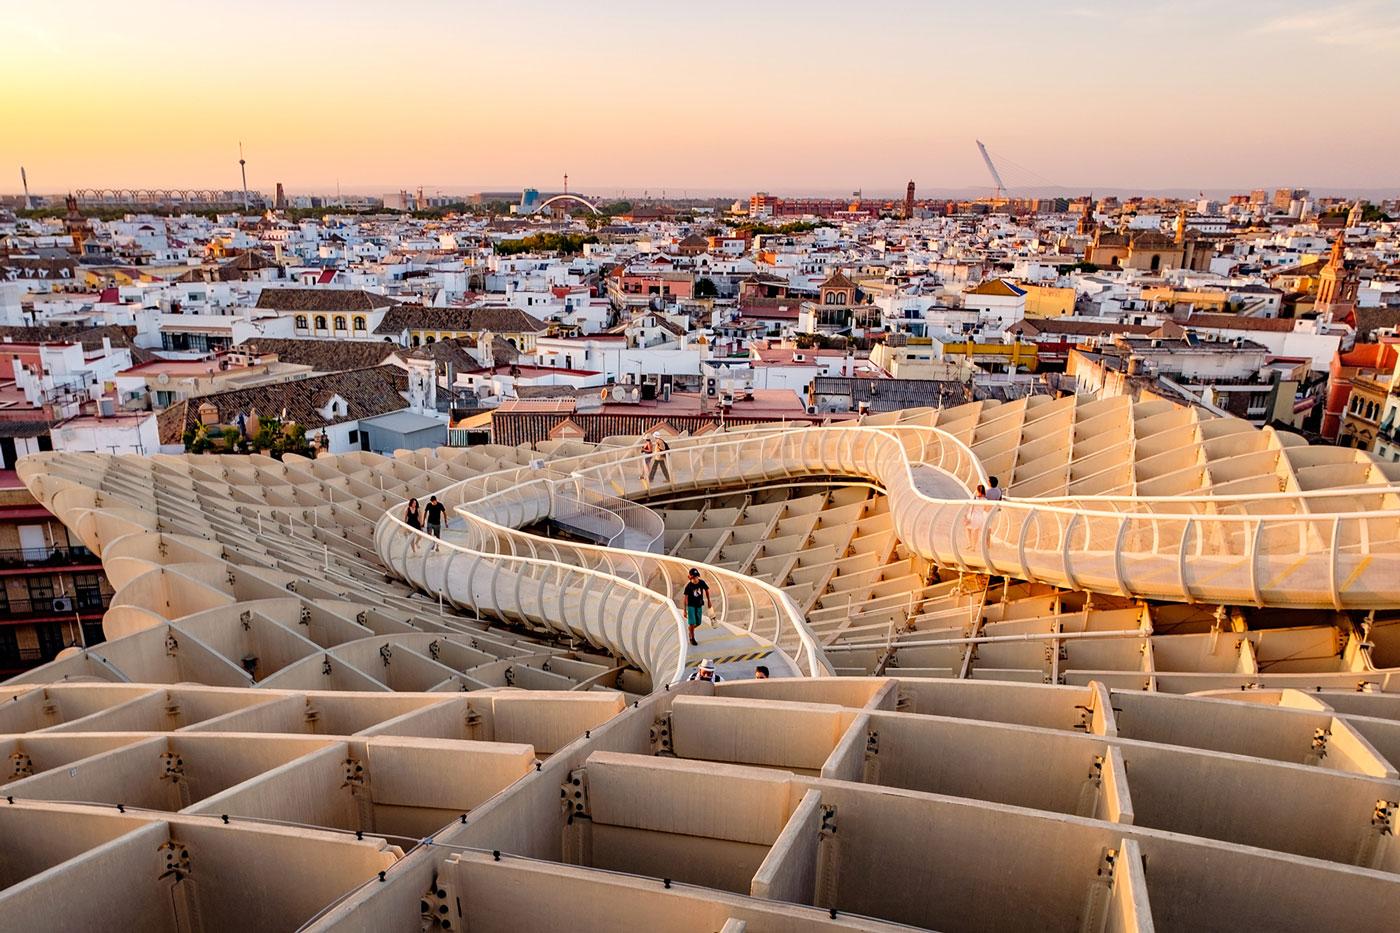 Vista desde Metropol Parasol - Sevilla